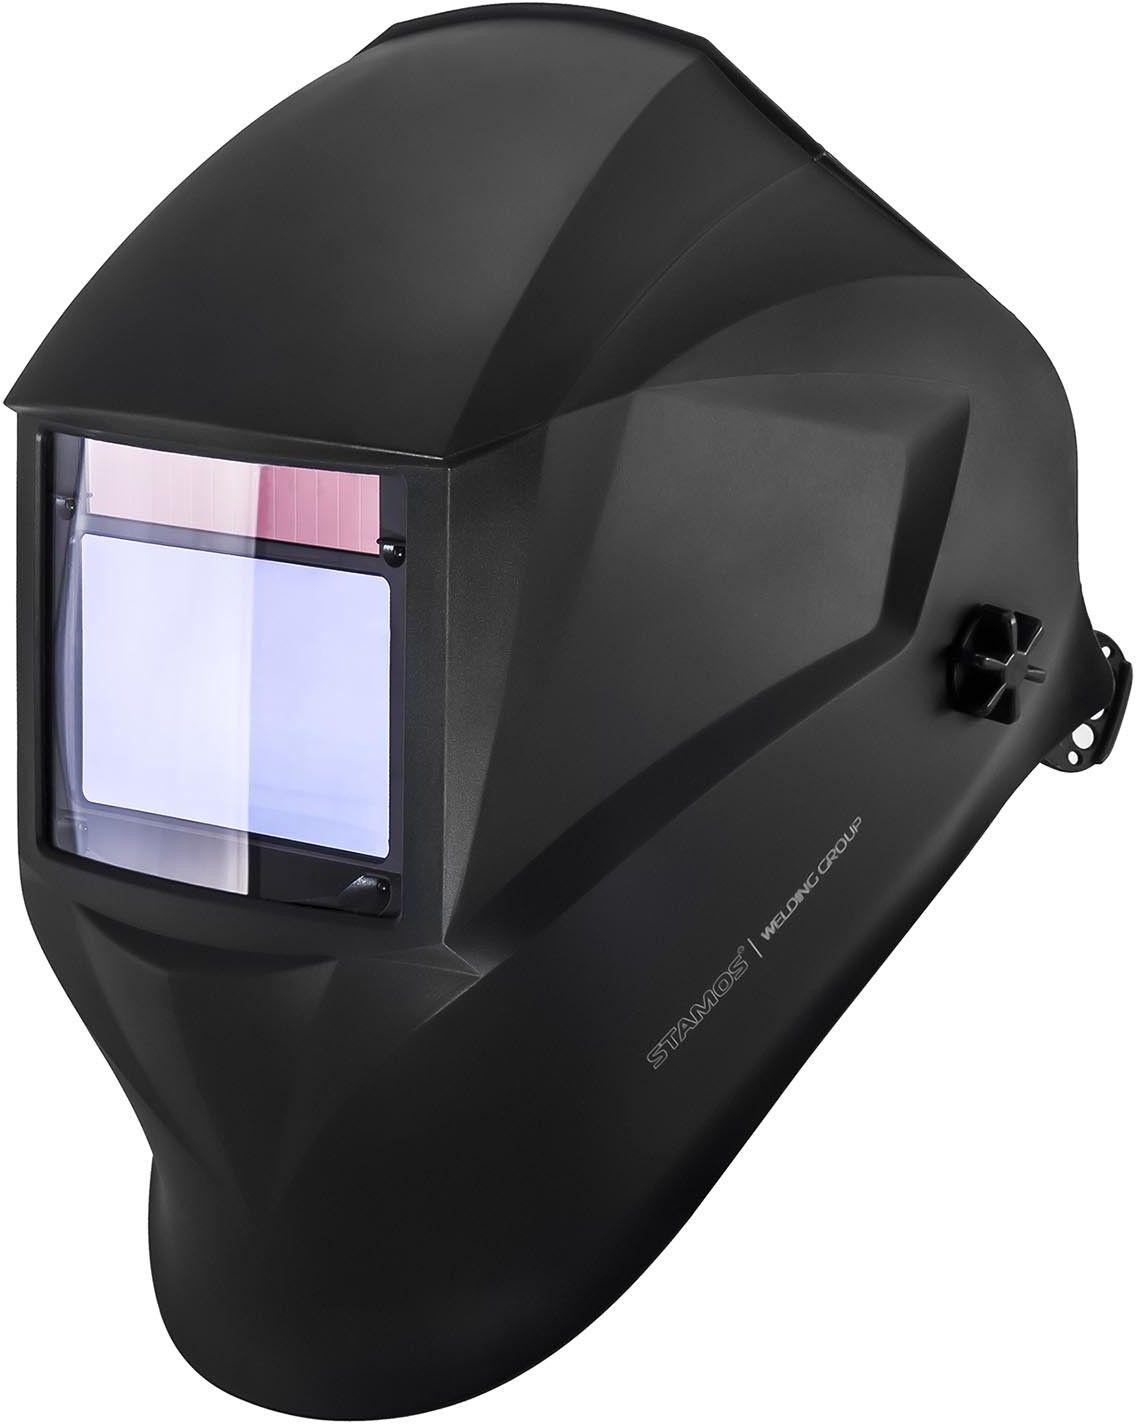 Maska spawalnicza - BlackONE - Expert - Stamos Germany - BlackONE - 3 lata gwarancji/wysyłka w 24h